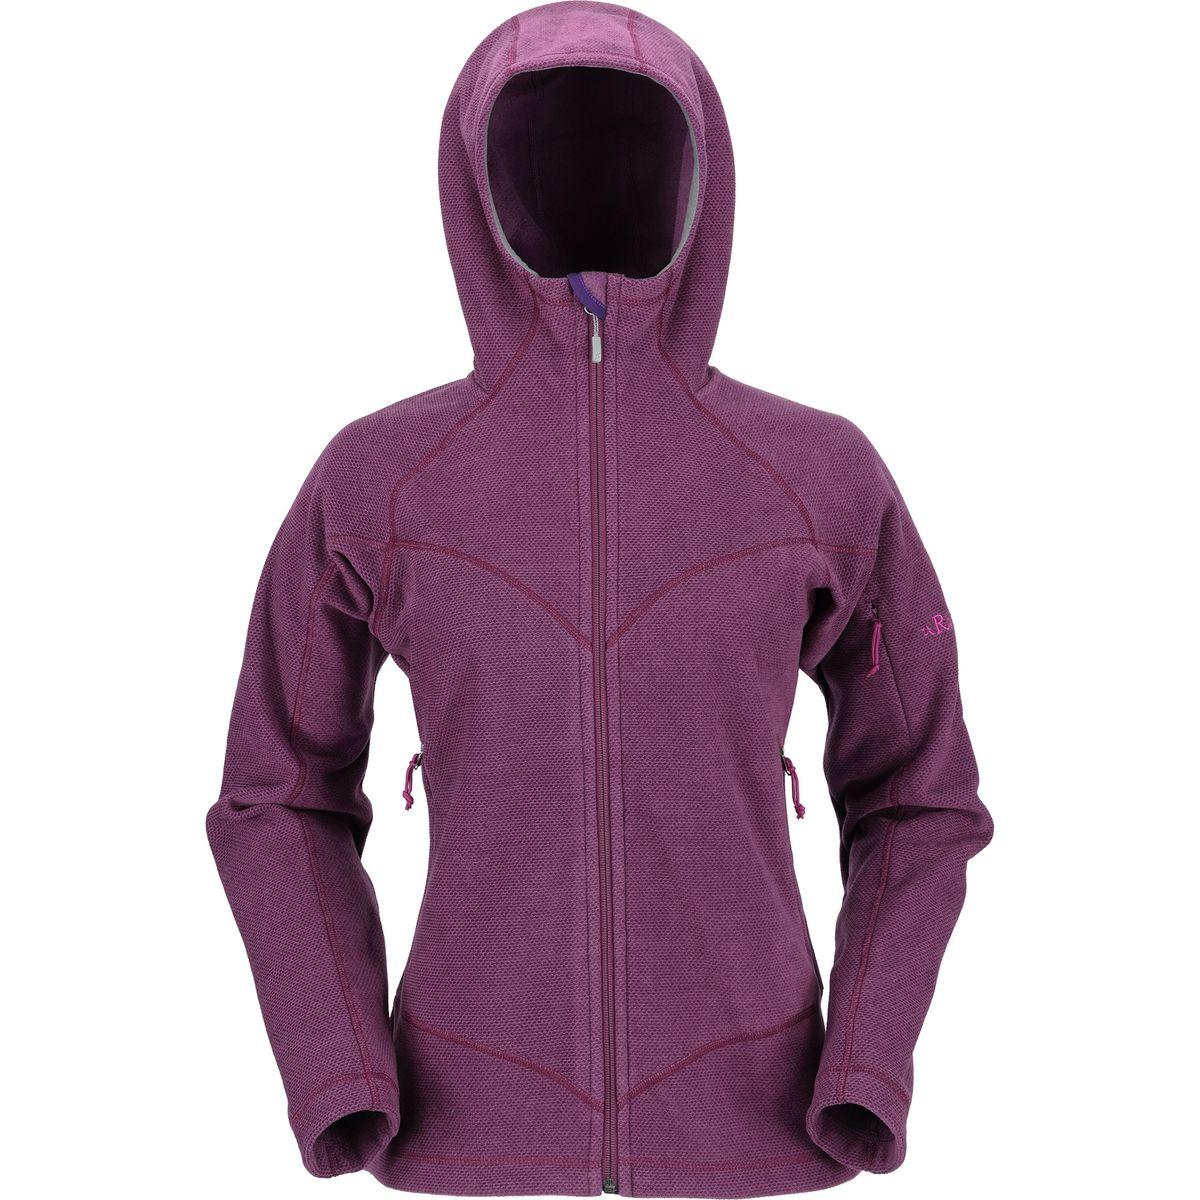 Rab Novak Hooded Fleece Jacket - Women